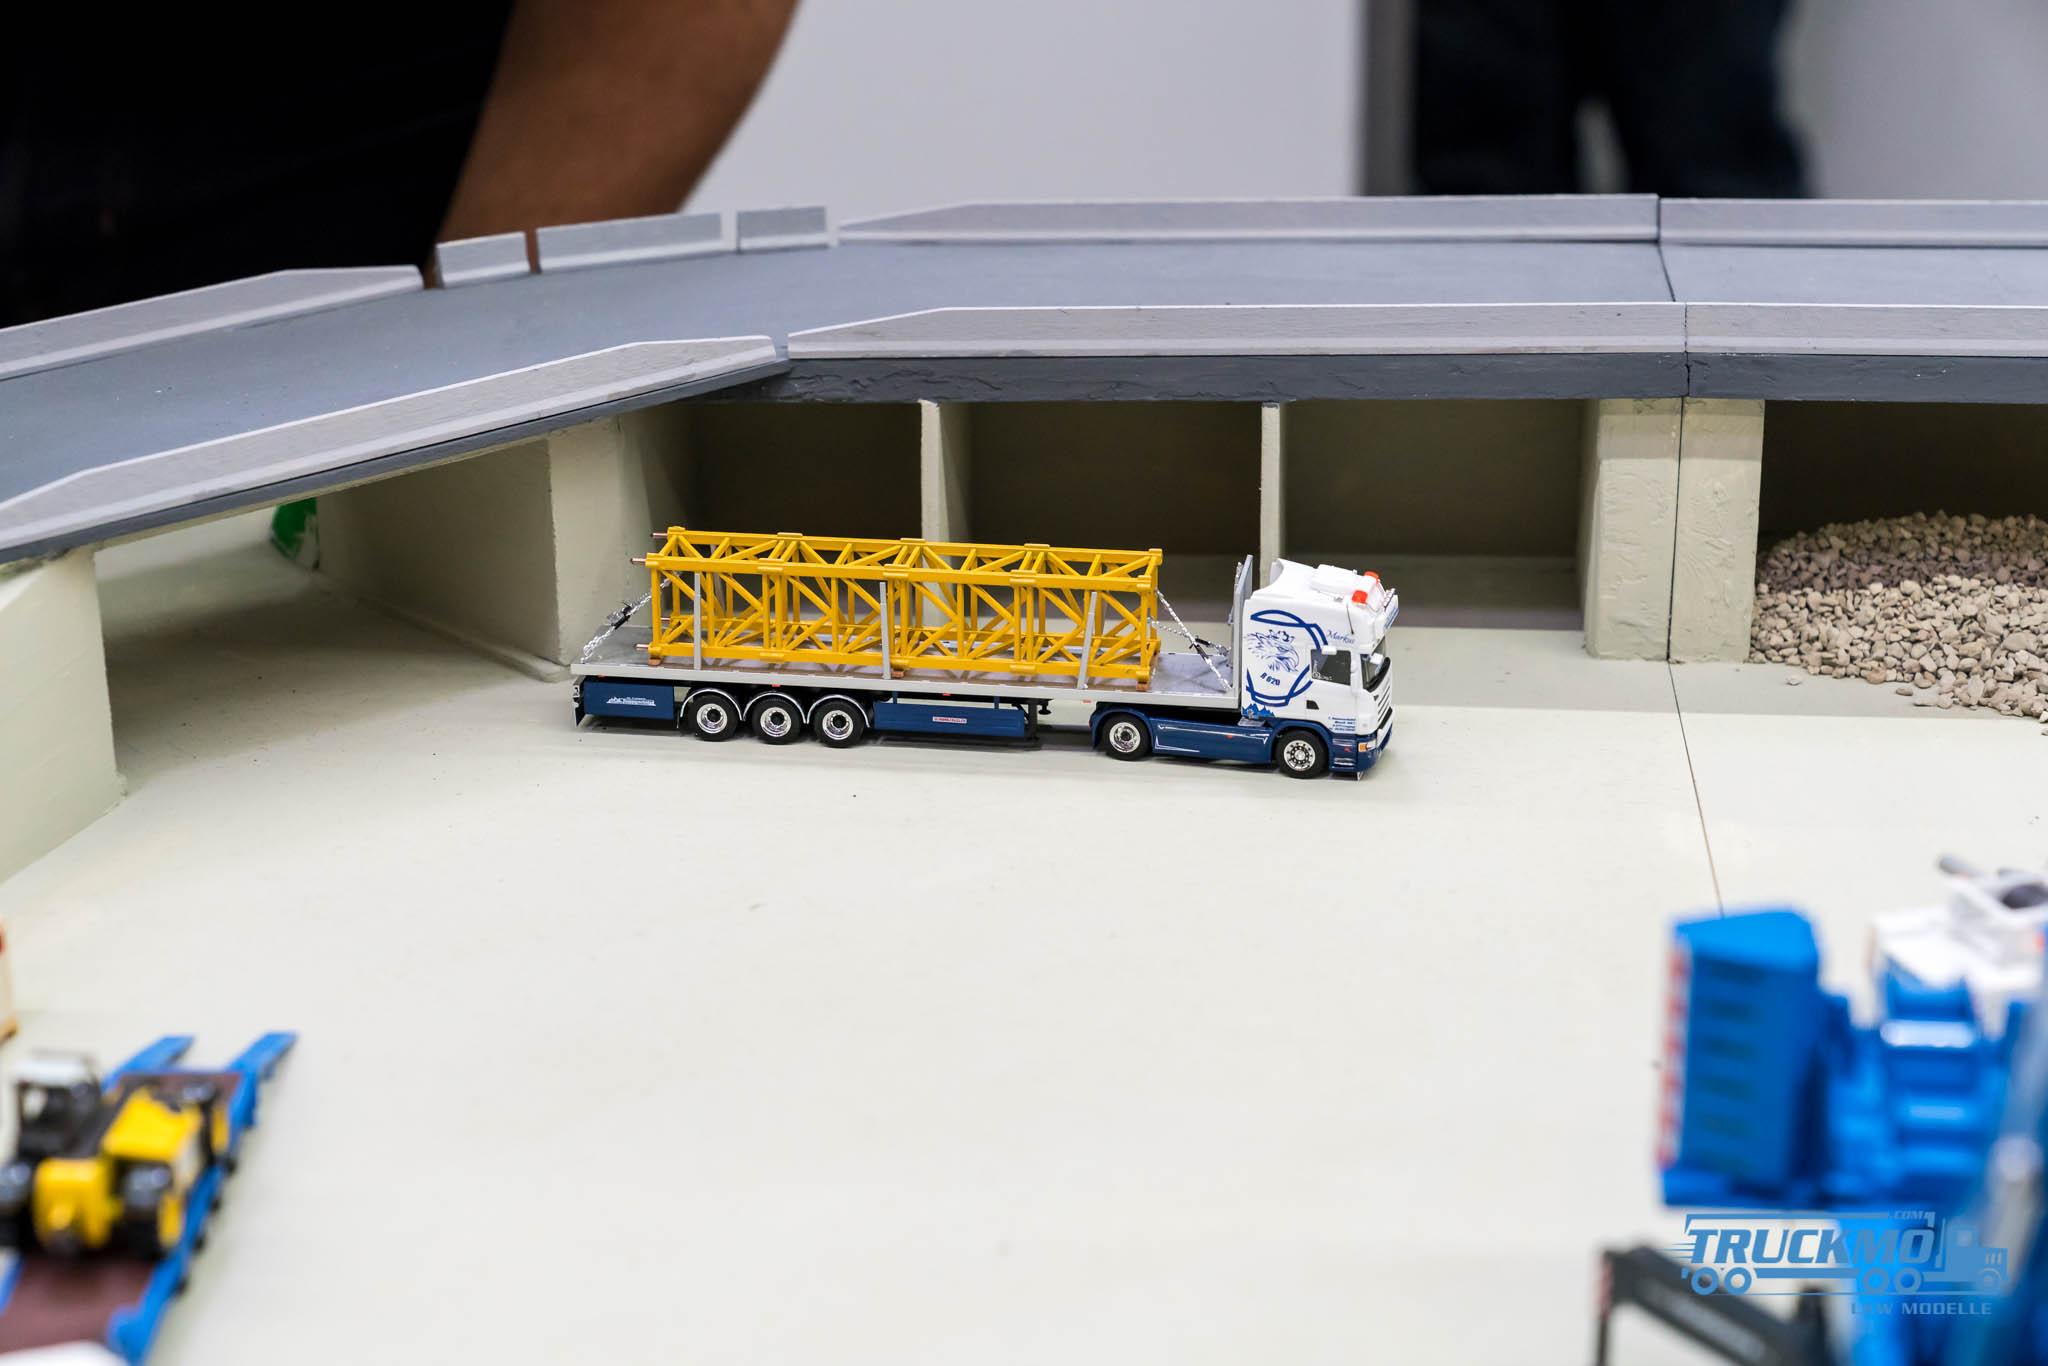 Truckmo_Modellbau_Ried_2017_Herpa_Messe_Modellbauausstellung (127 von 1177)